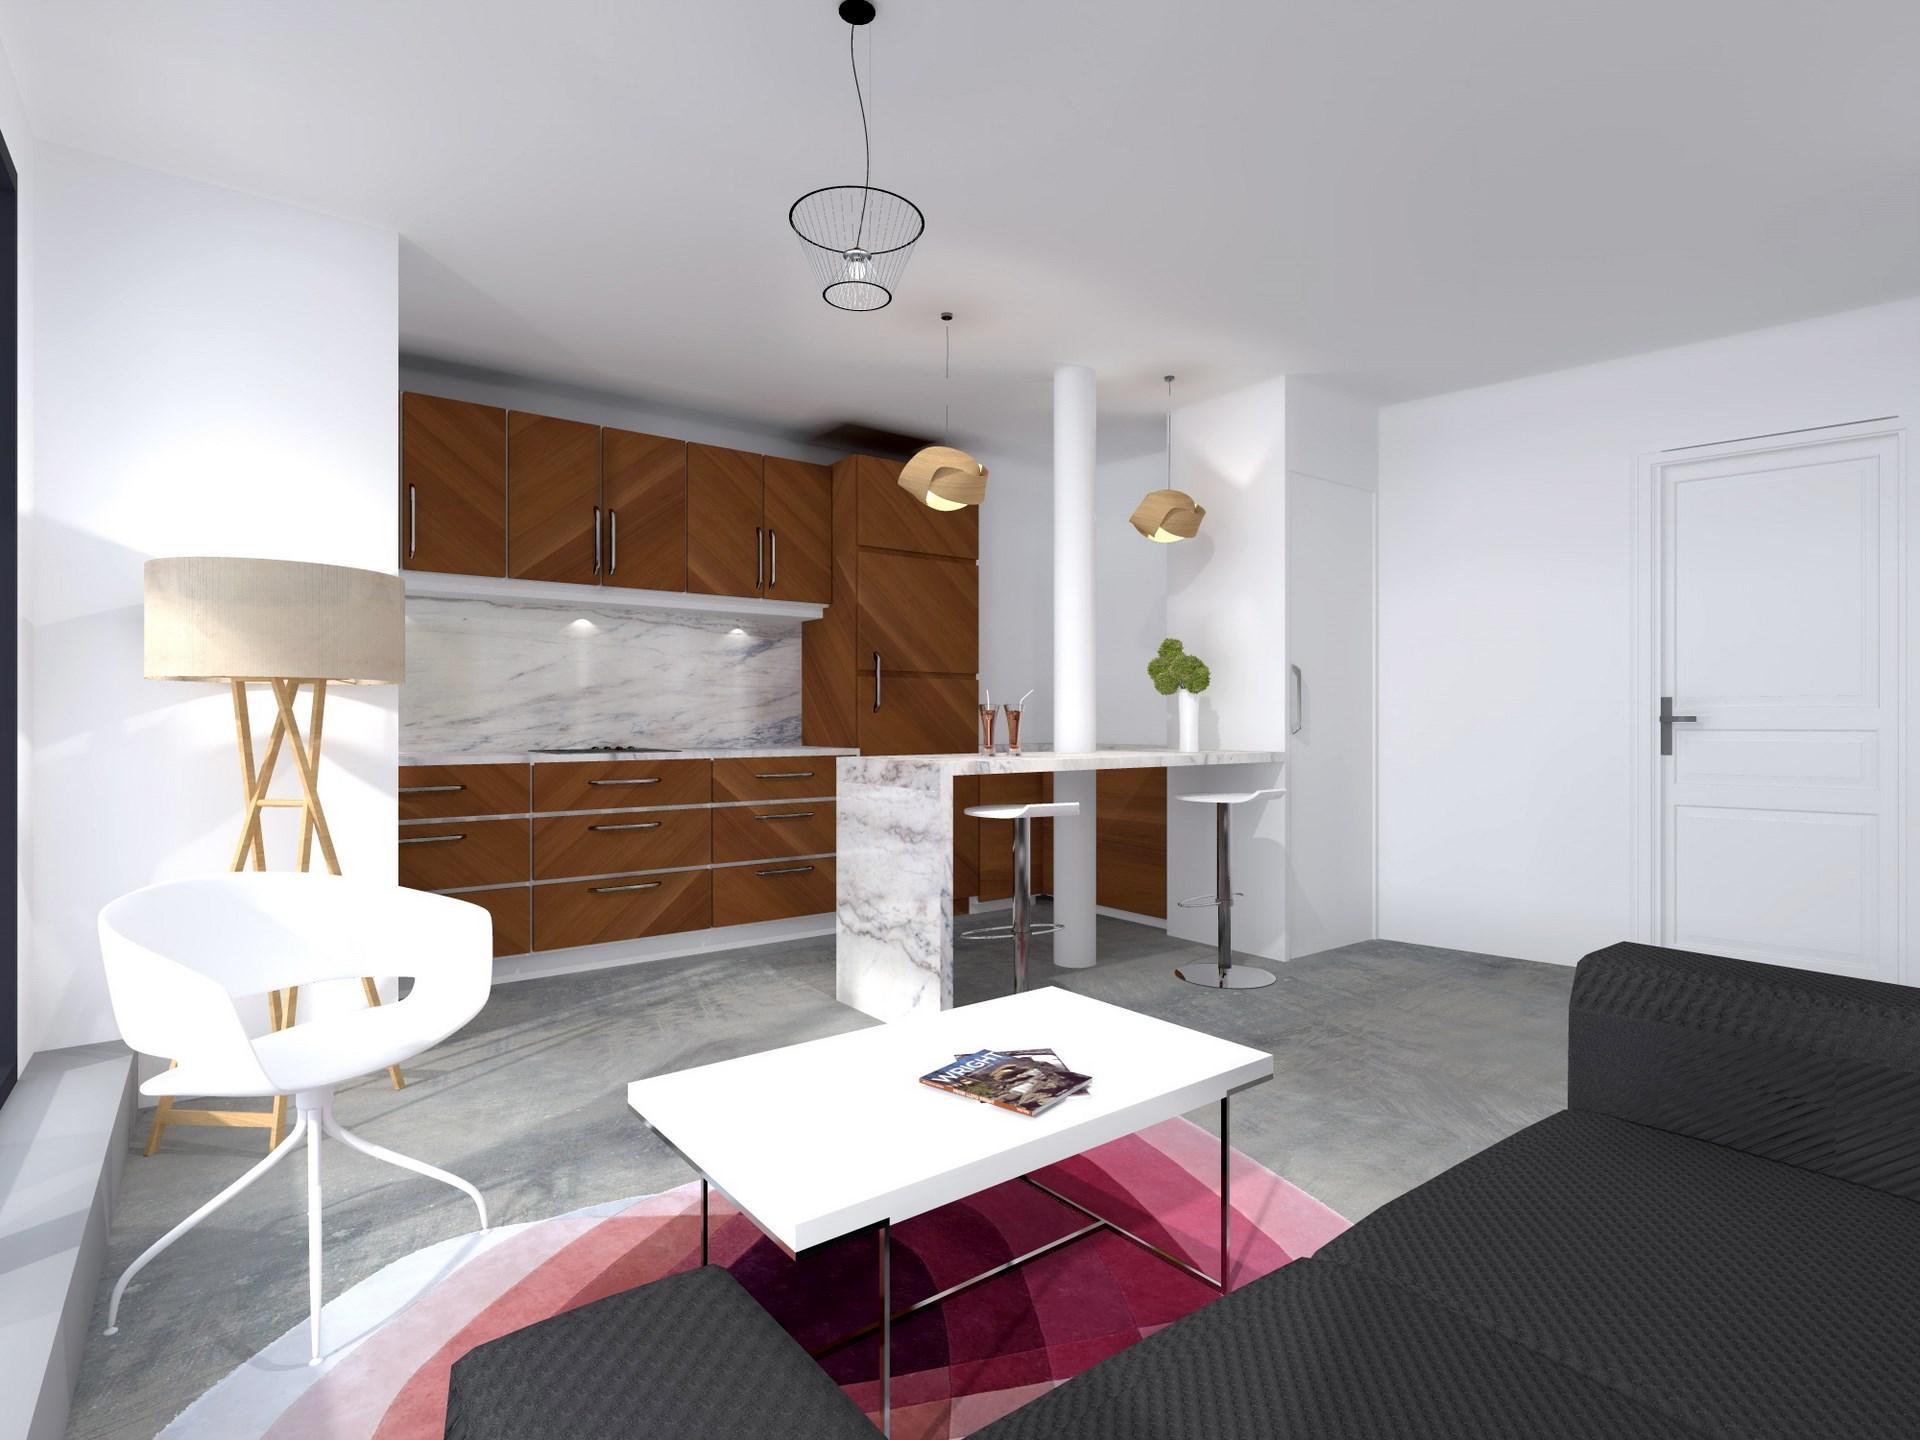 architecte interieur paris marbre bois cuisine ouverte agence avous